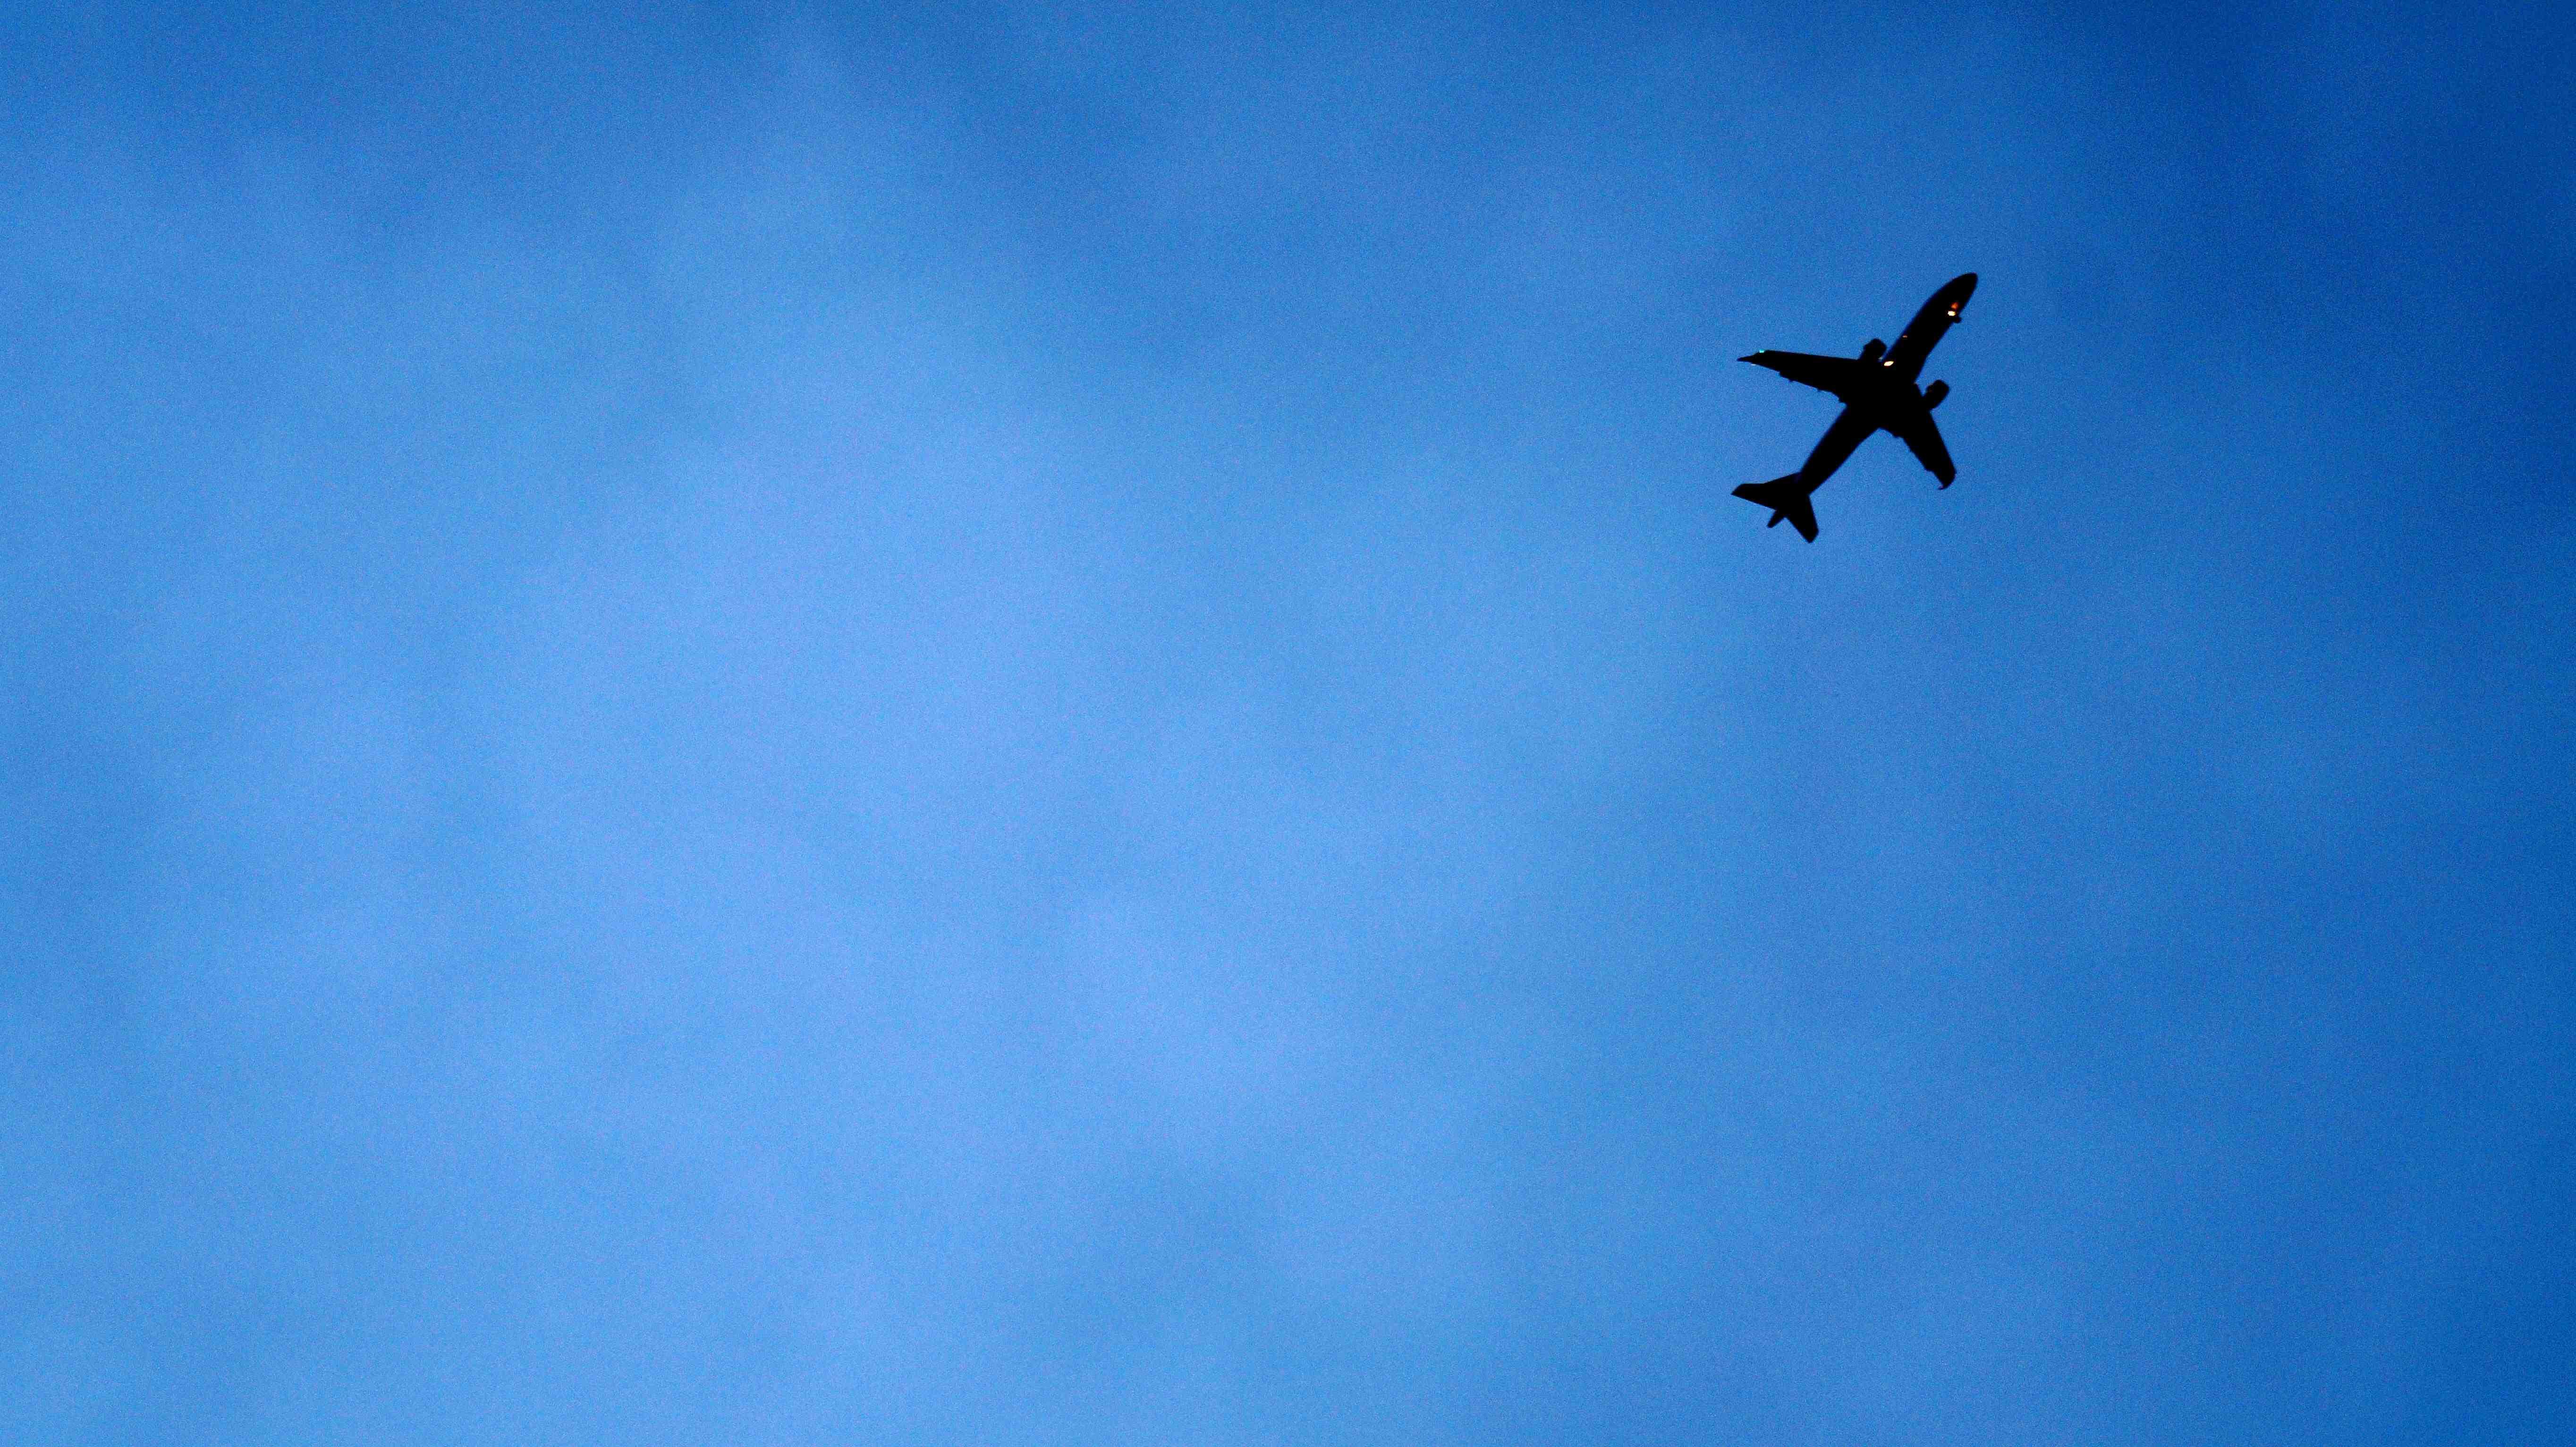 Linsostenibile arretratezza dei voli  Wired